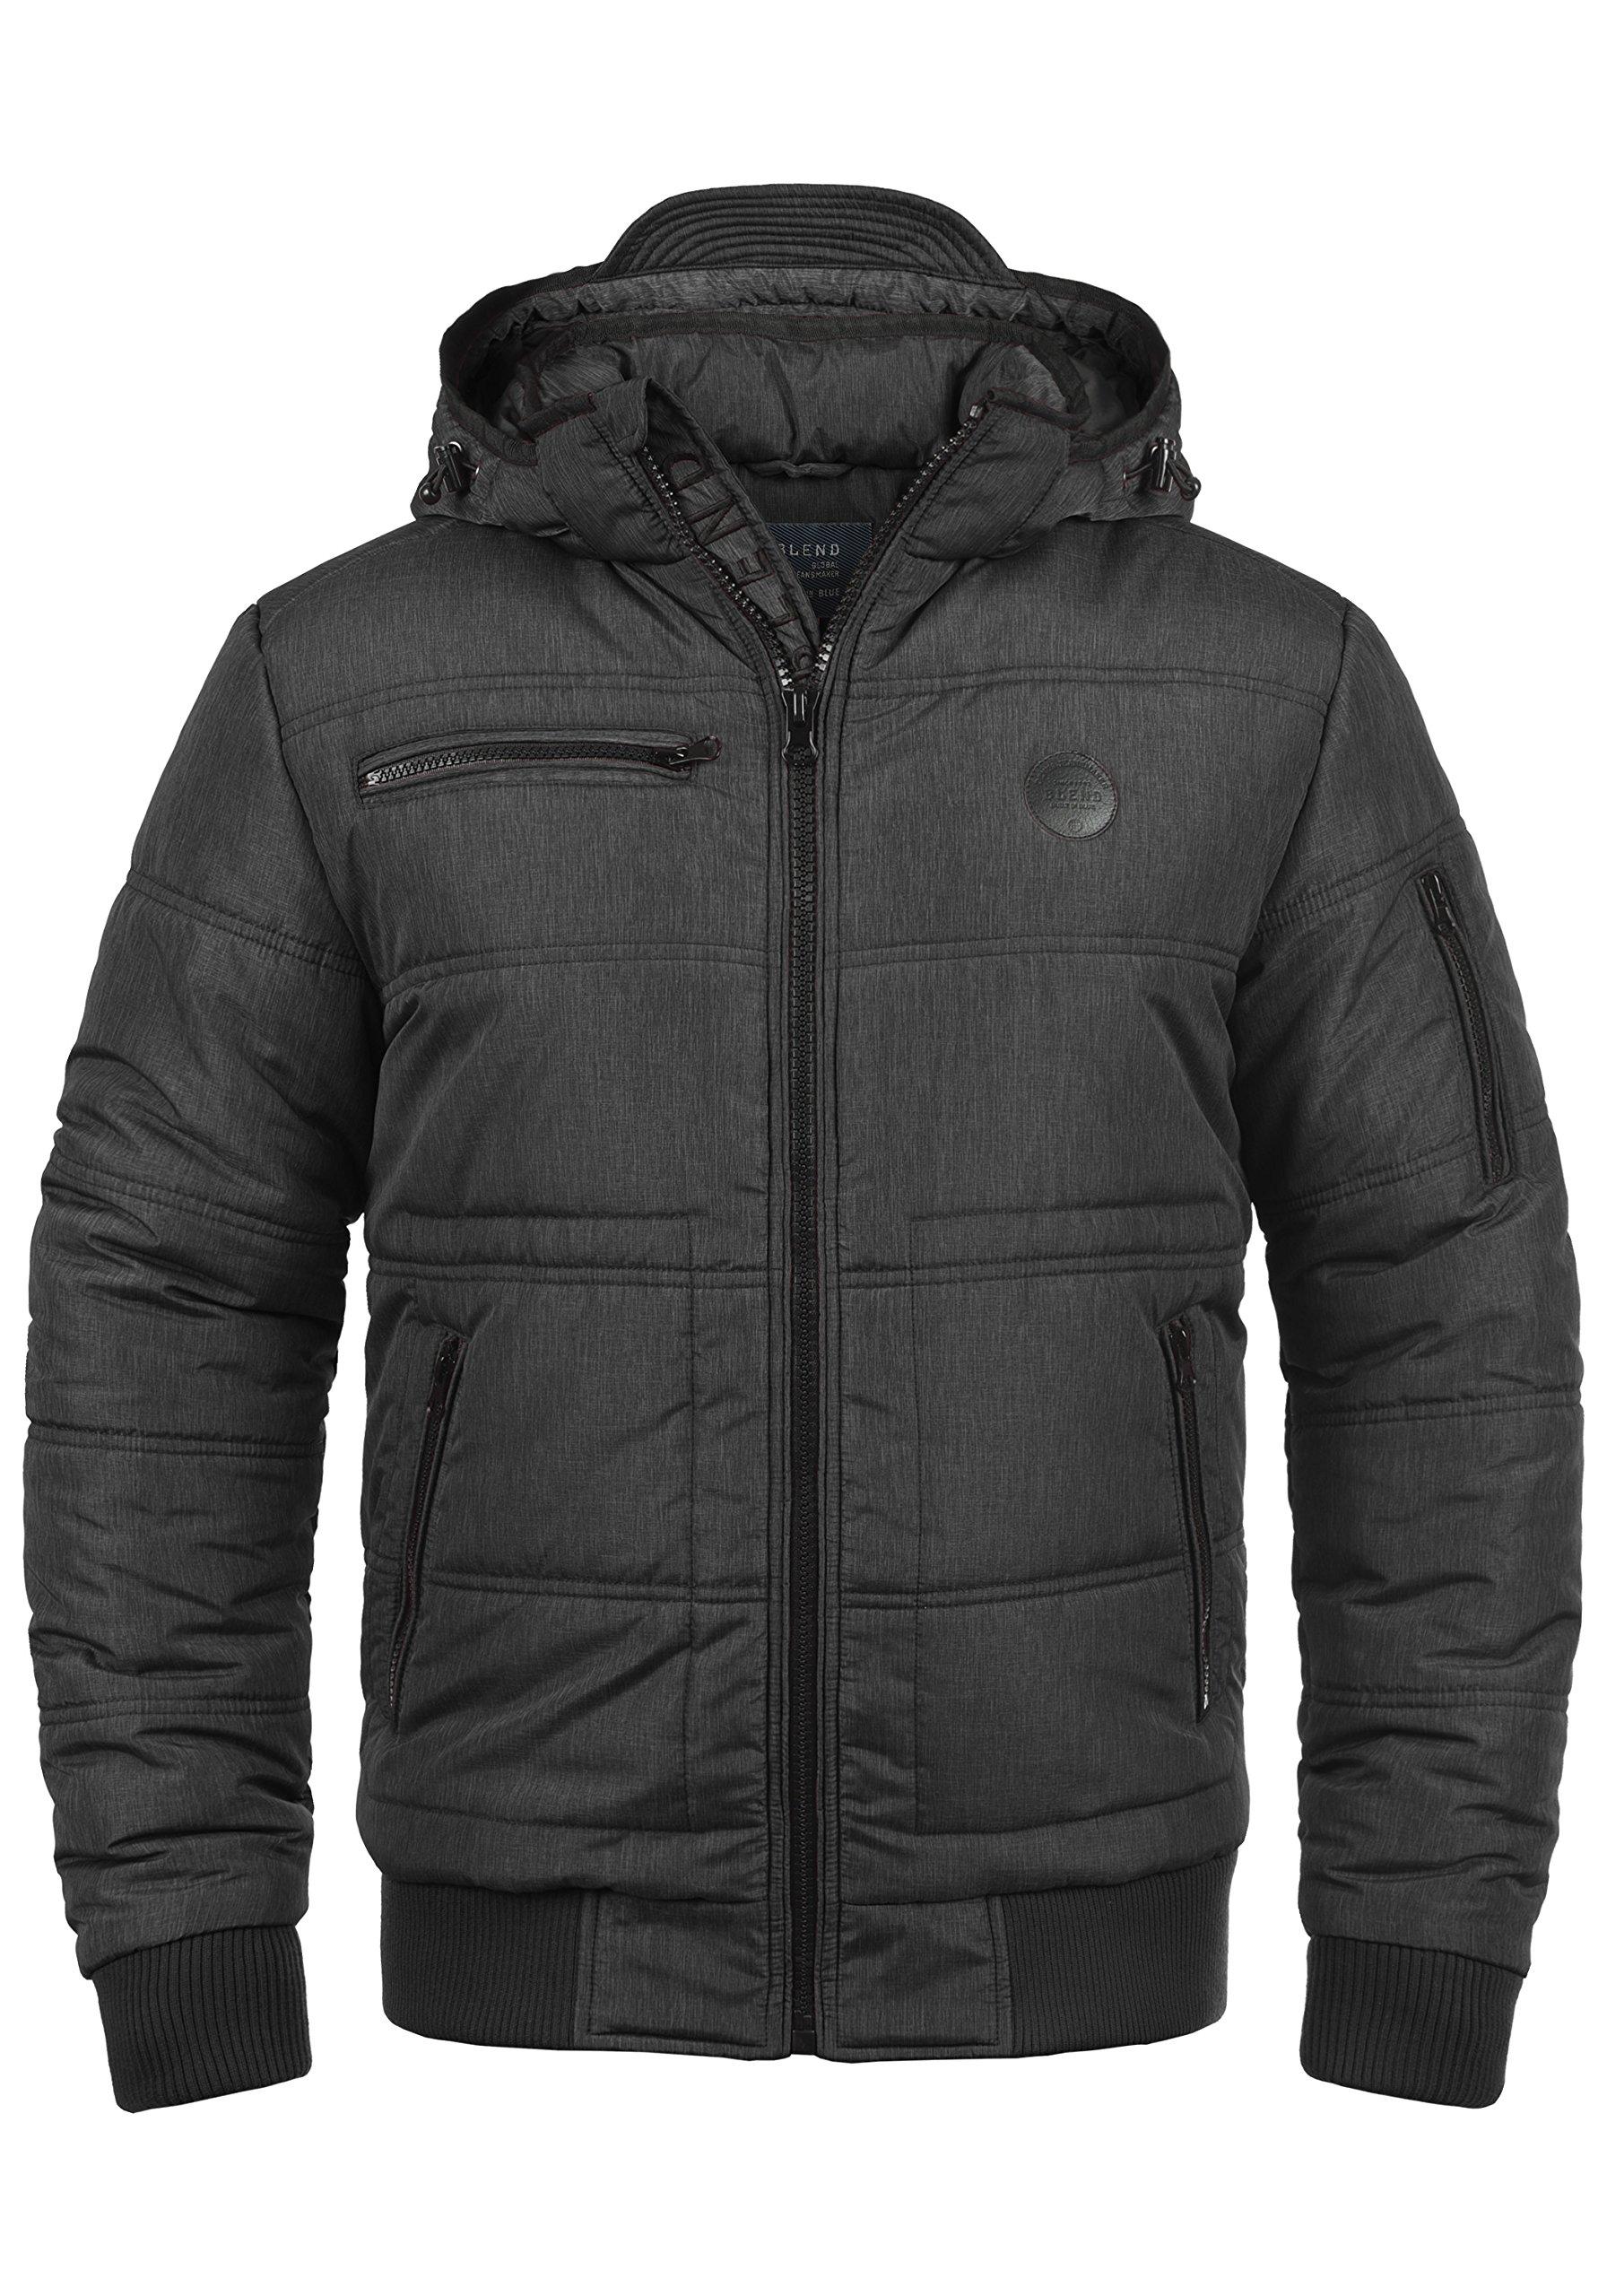 new product 72198 684ef I piu votati nella categoria Giacche e cappotti da uomo ...